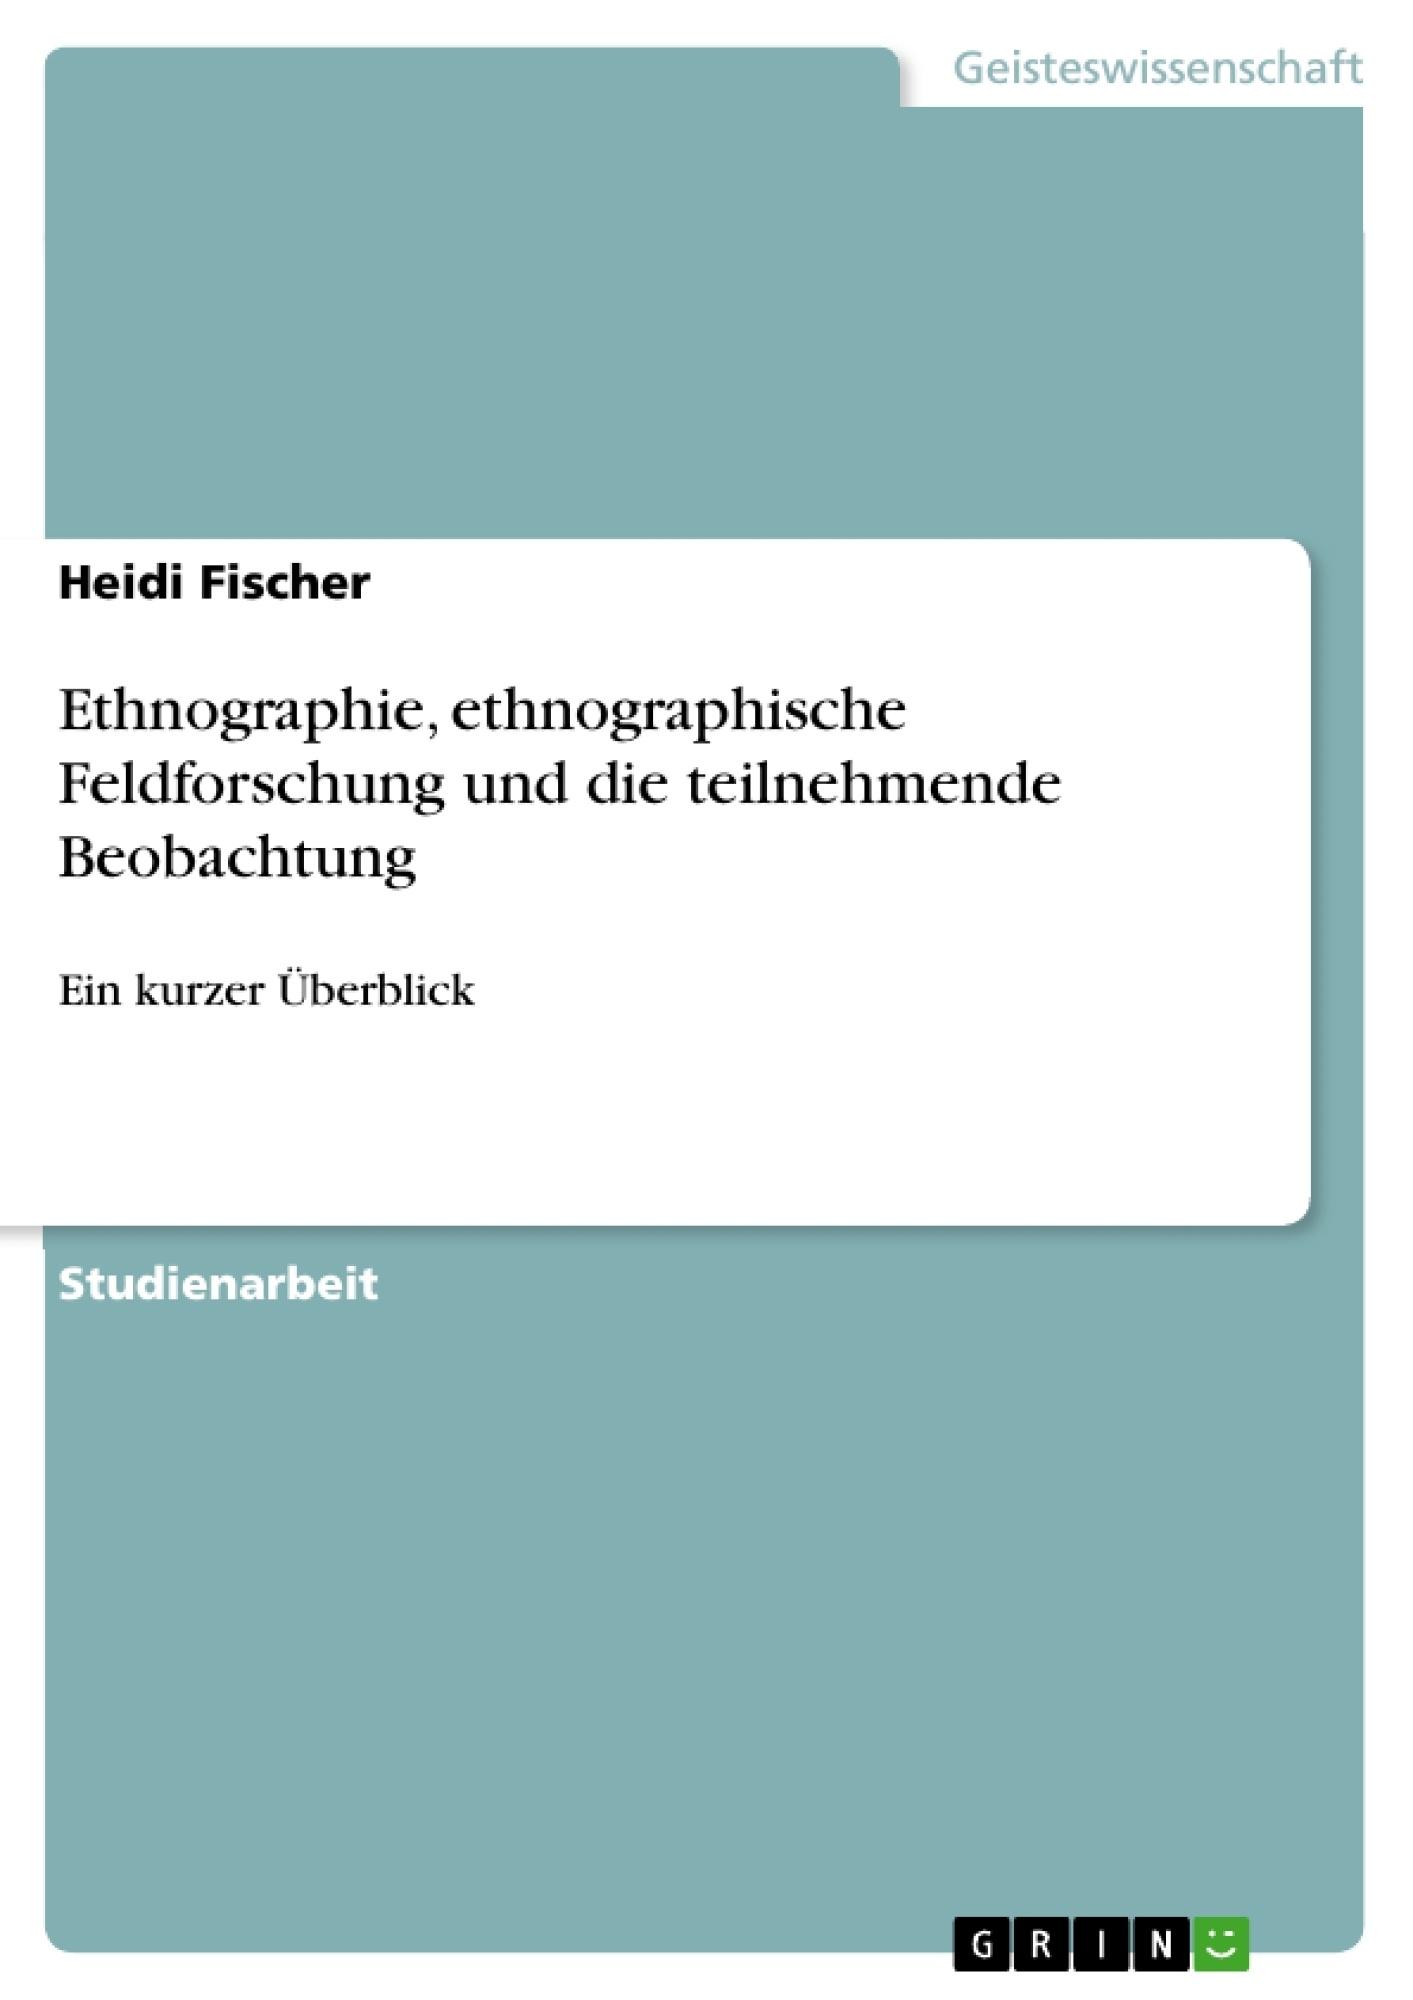 Titel: Ethnographie, ethnographische Feldforschung und die teilnehmende Beobachtung